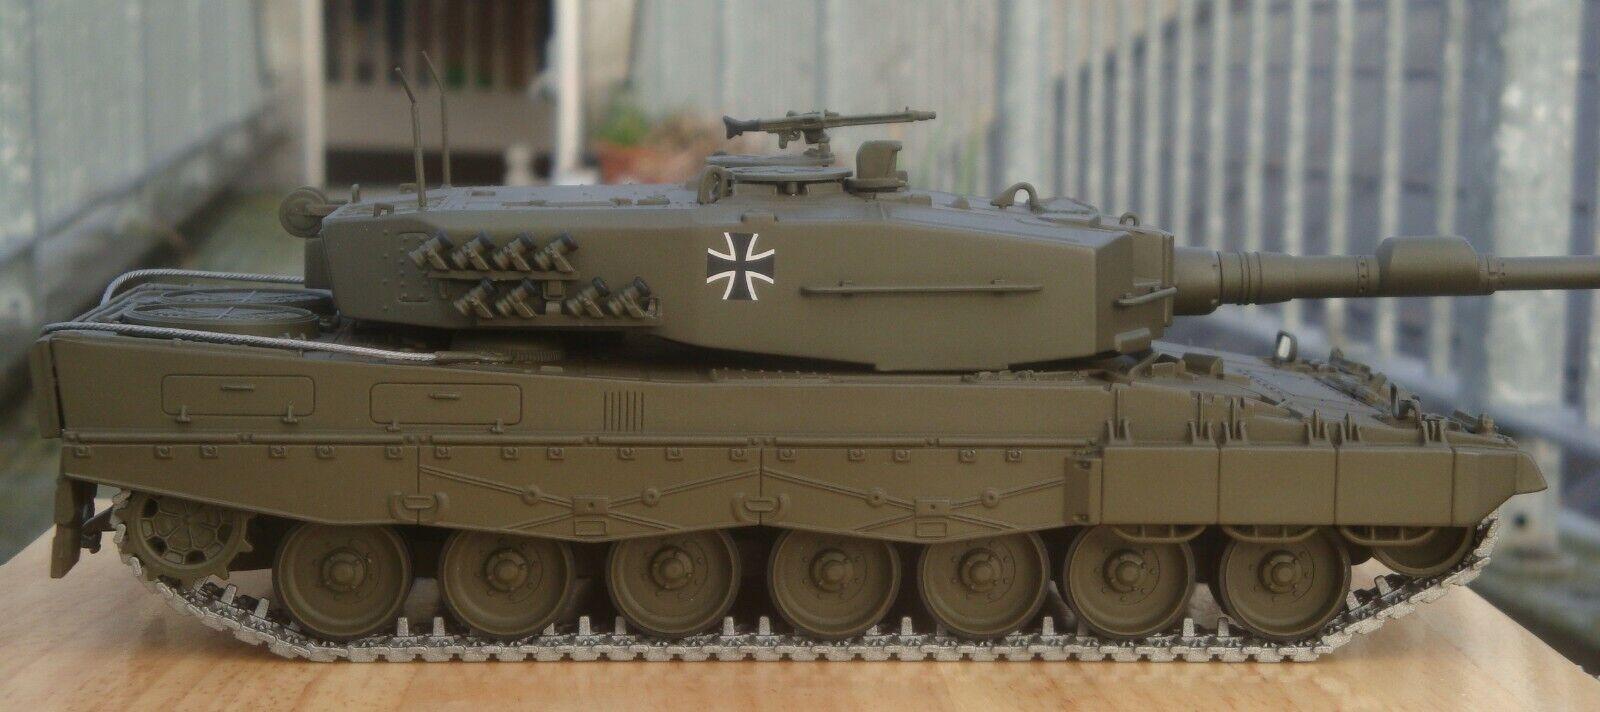 Minichamps 350011000, Kampfpanzer Leopard 2, Hofgeismar, Alemania, 1982, 1 35